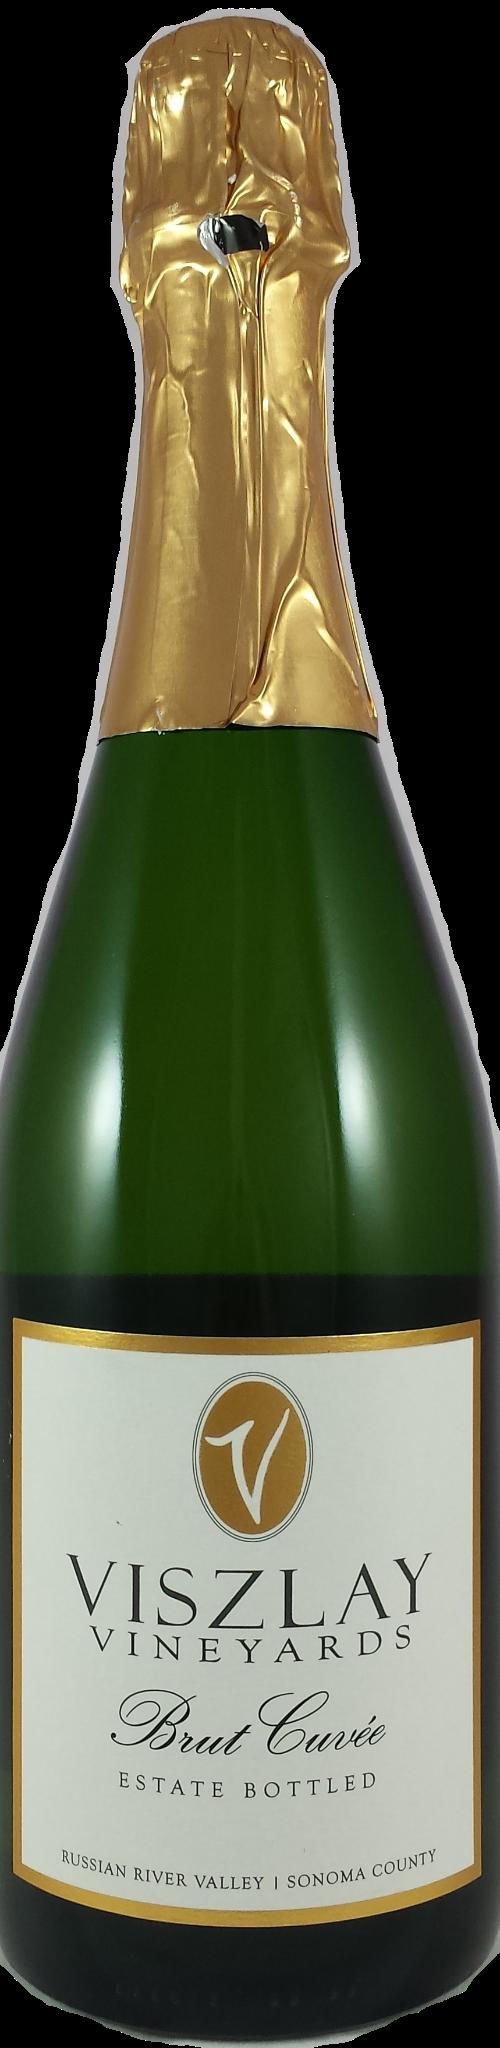 viszlay-brut-cuvee-bottle1-1-1-1